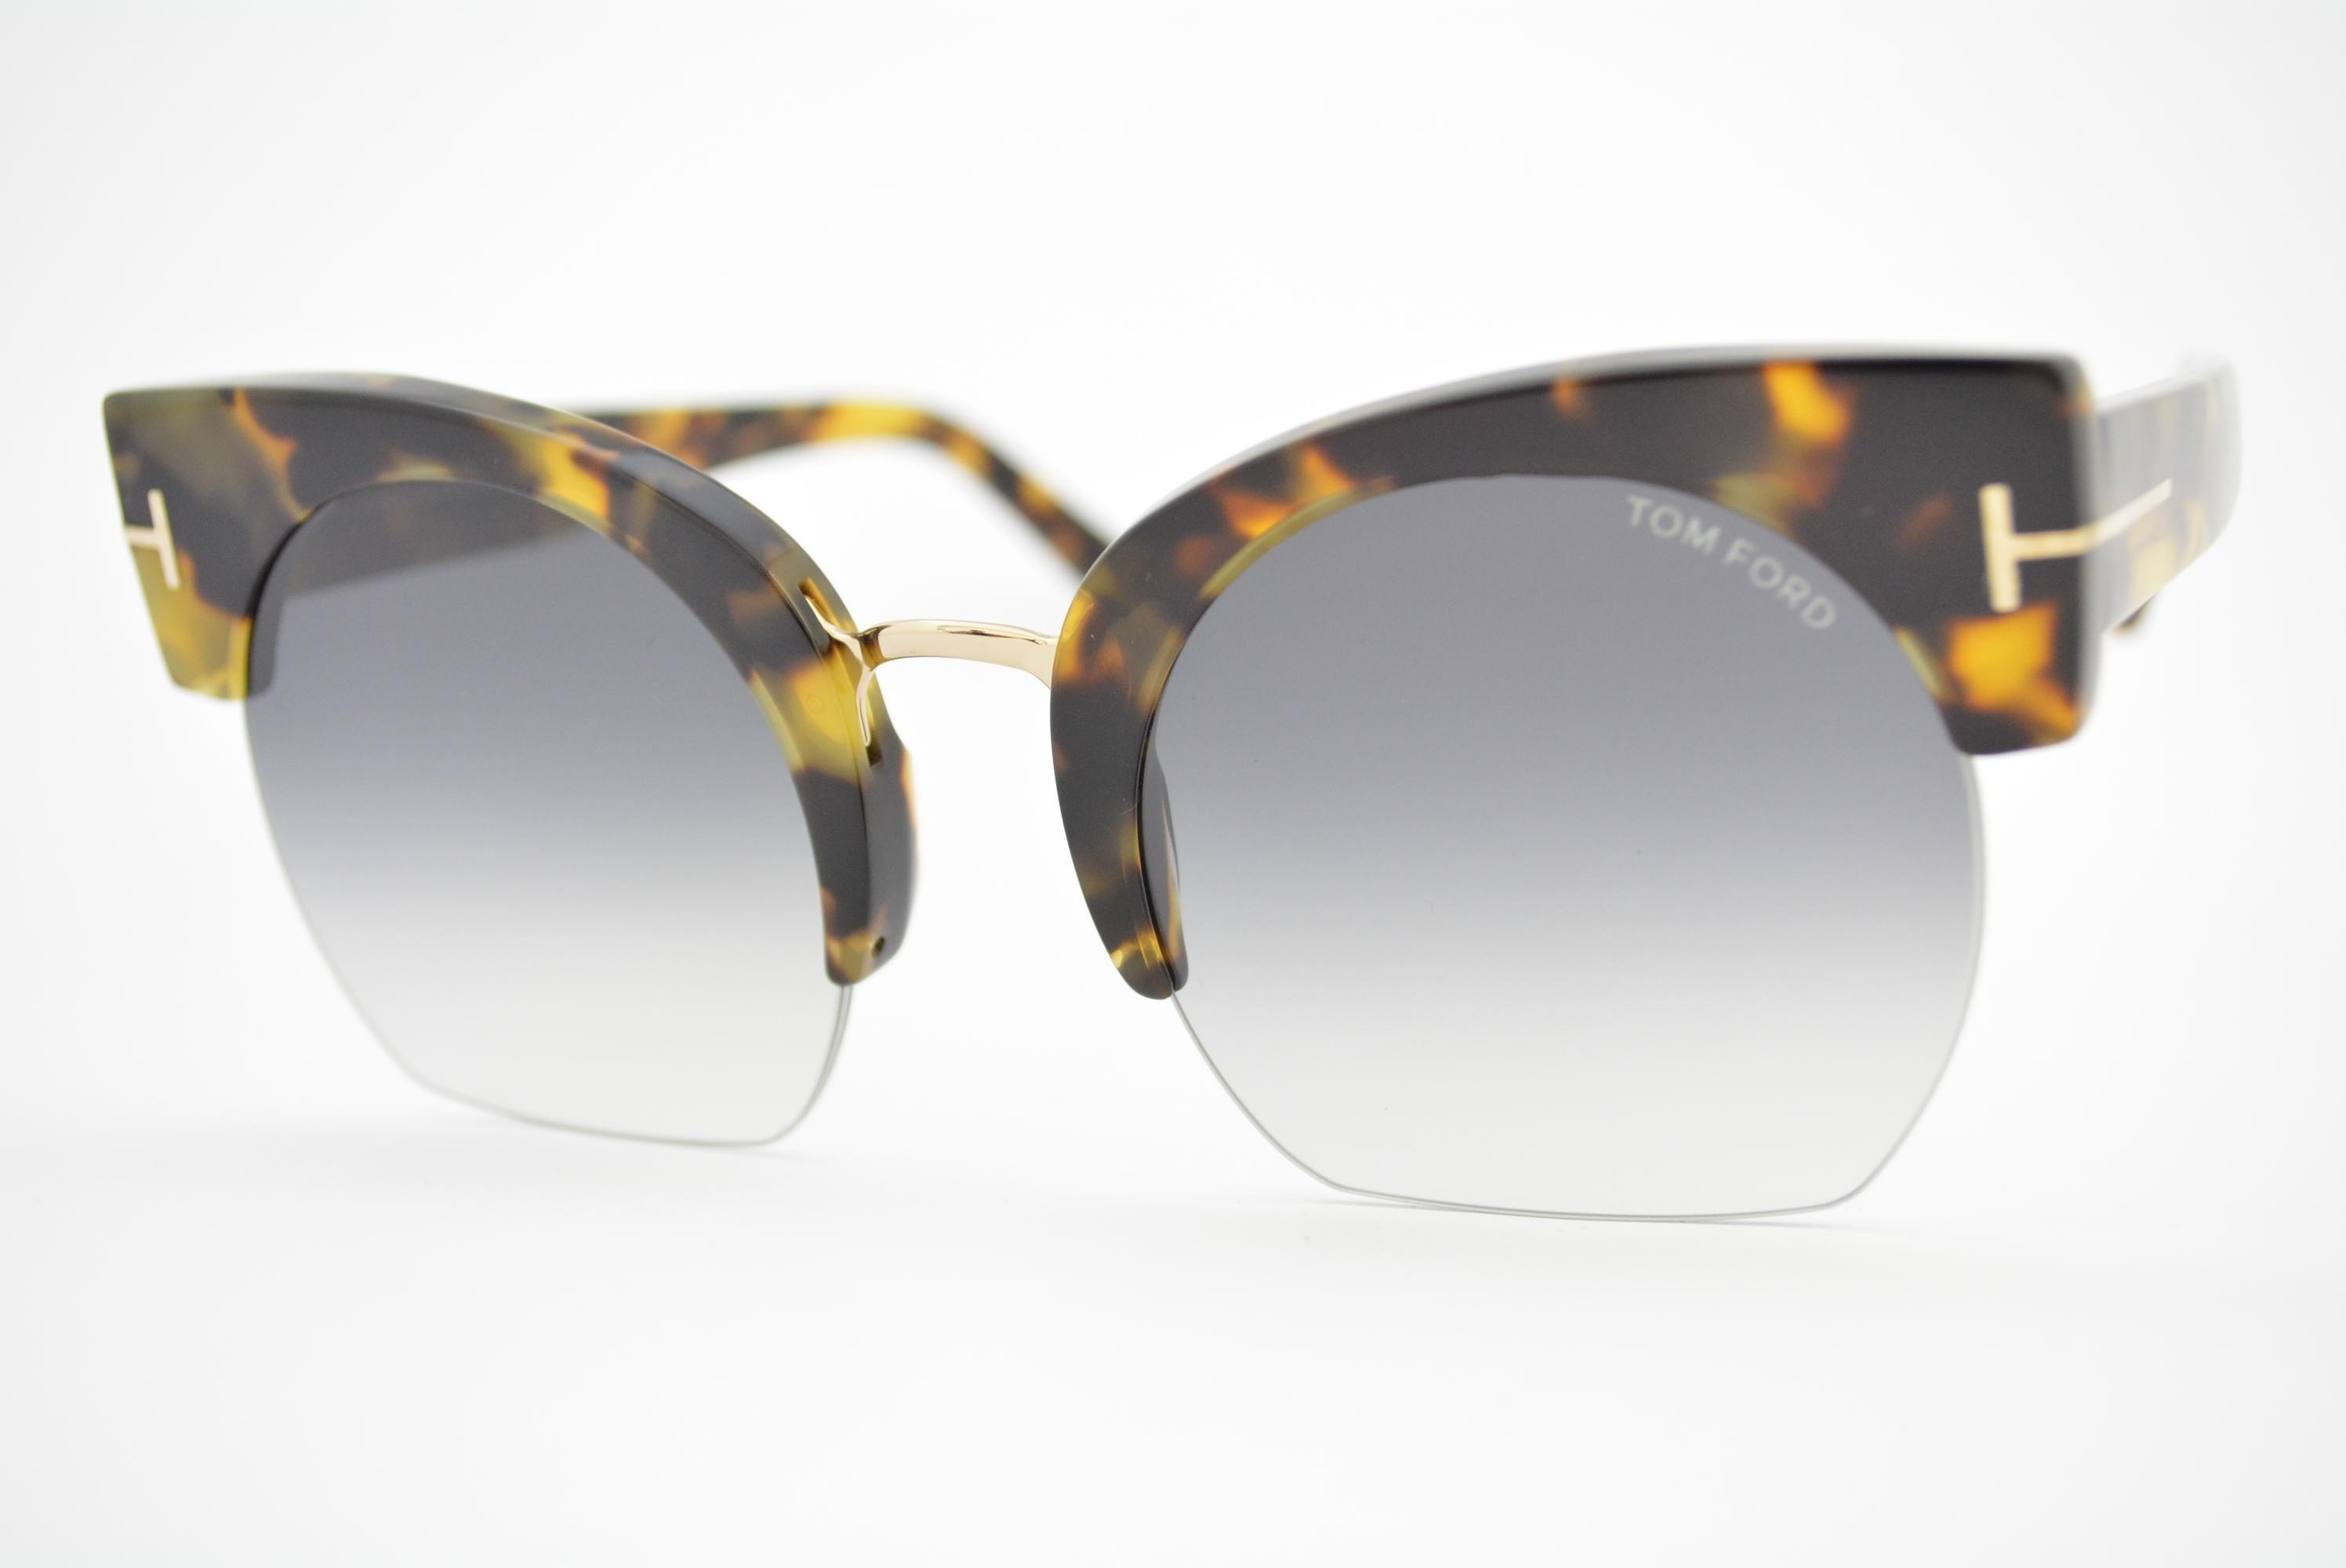 8e1454c8e4841 óculos de sol Tom Ford mod Savannah-02 TF552 56b Ótica Cardoso